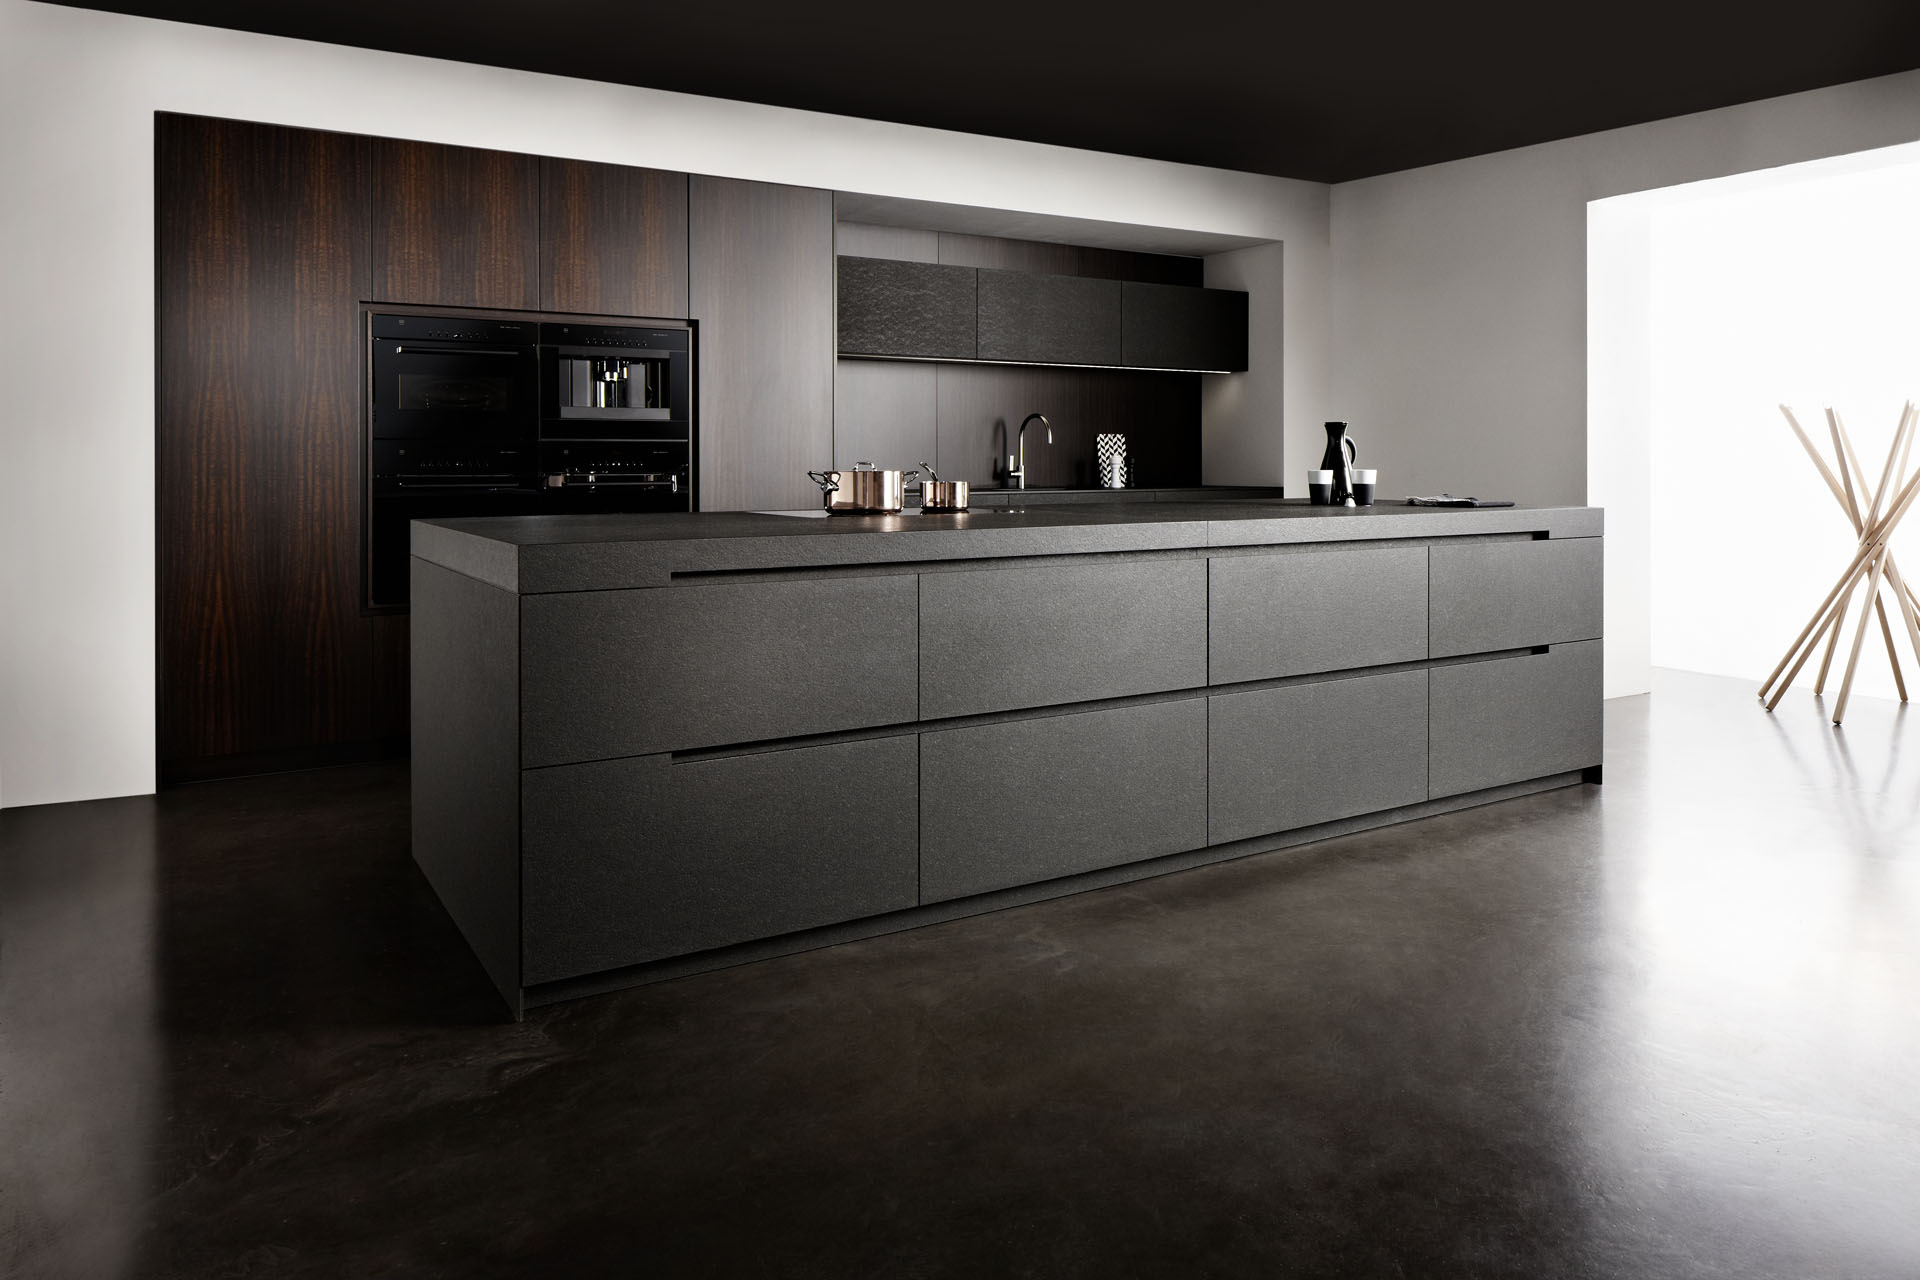 Zwarte keuken kit u2013 informatie over de keuken